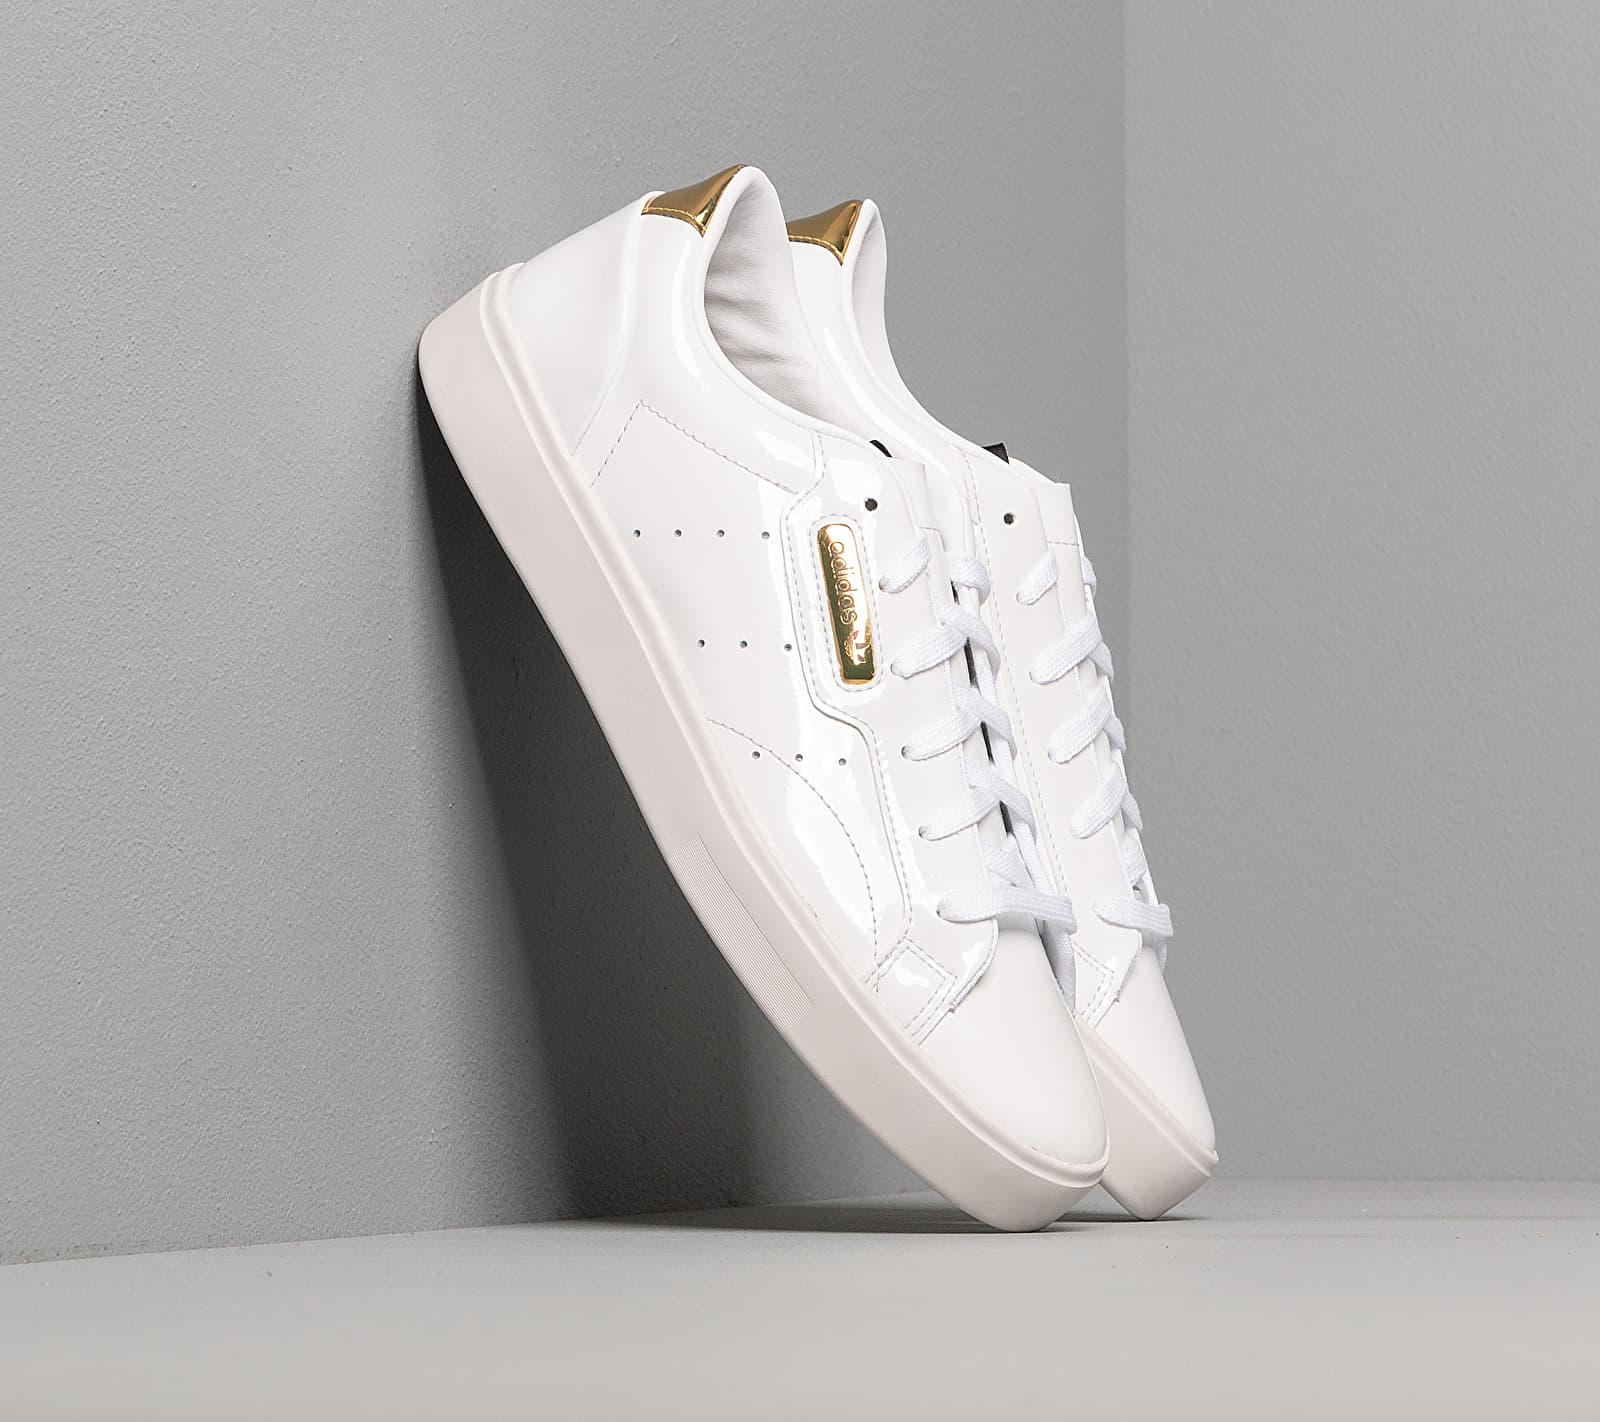 adidas Sleek W Ftw White/ Crystal White/ Gold Metalic EUR 38